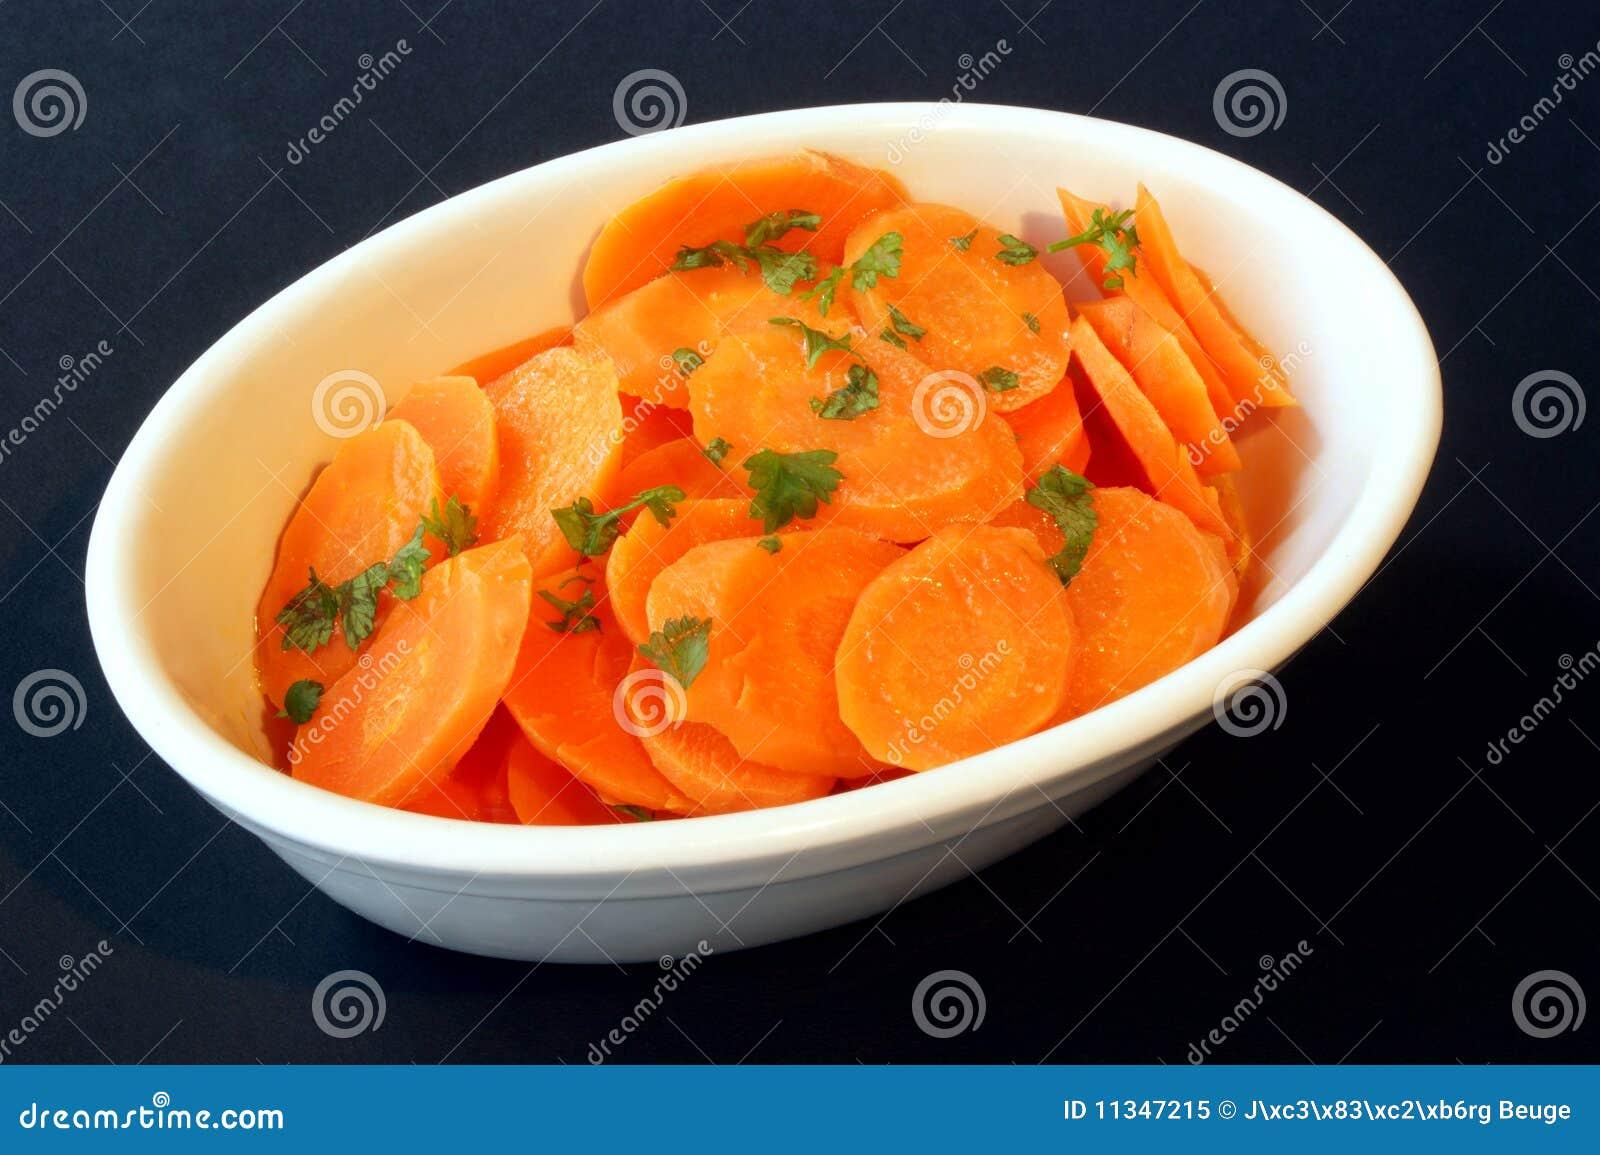 Cenoura assada e uma bacia branca